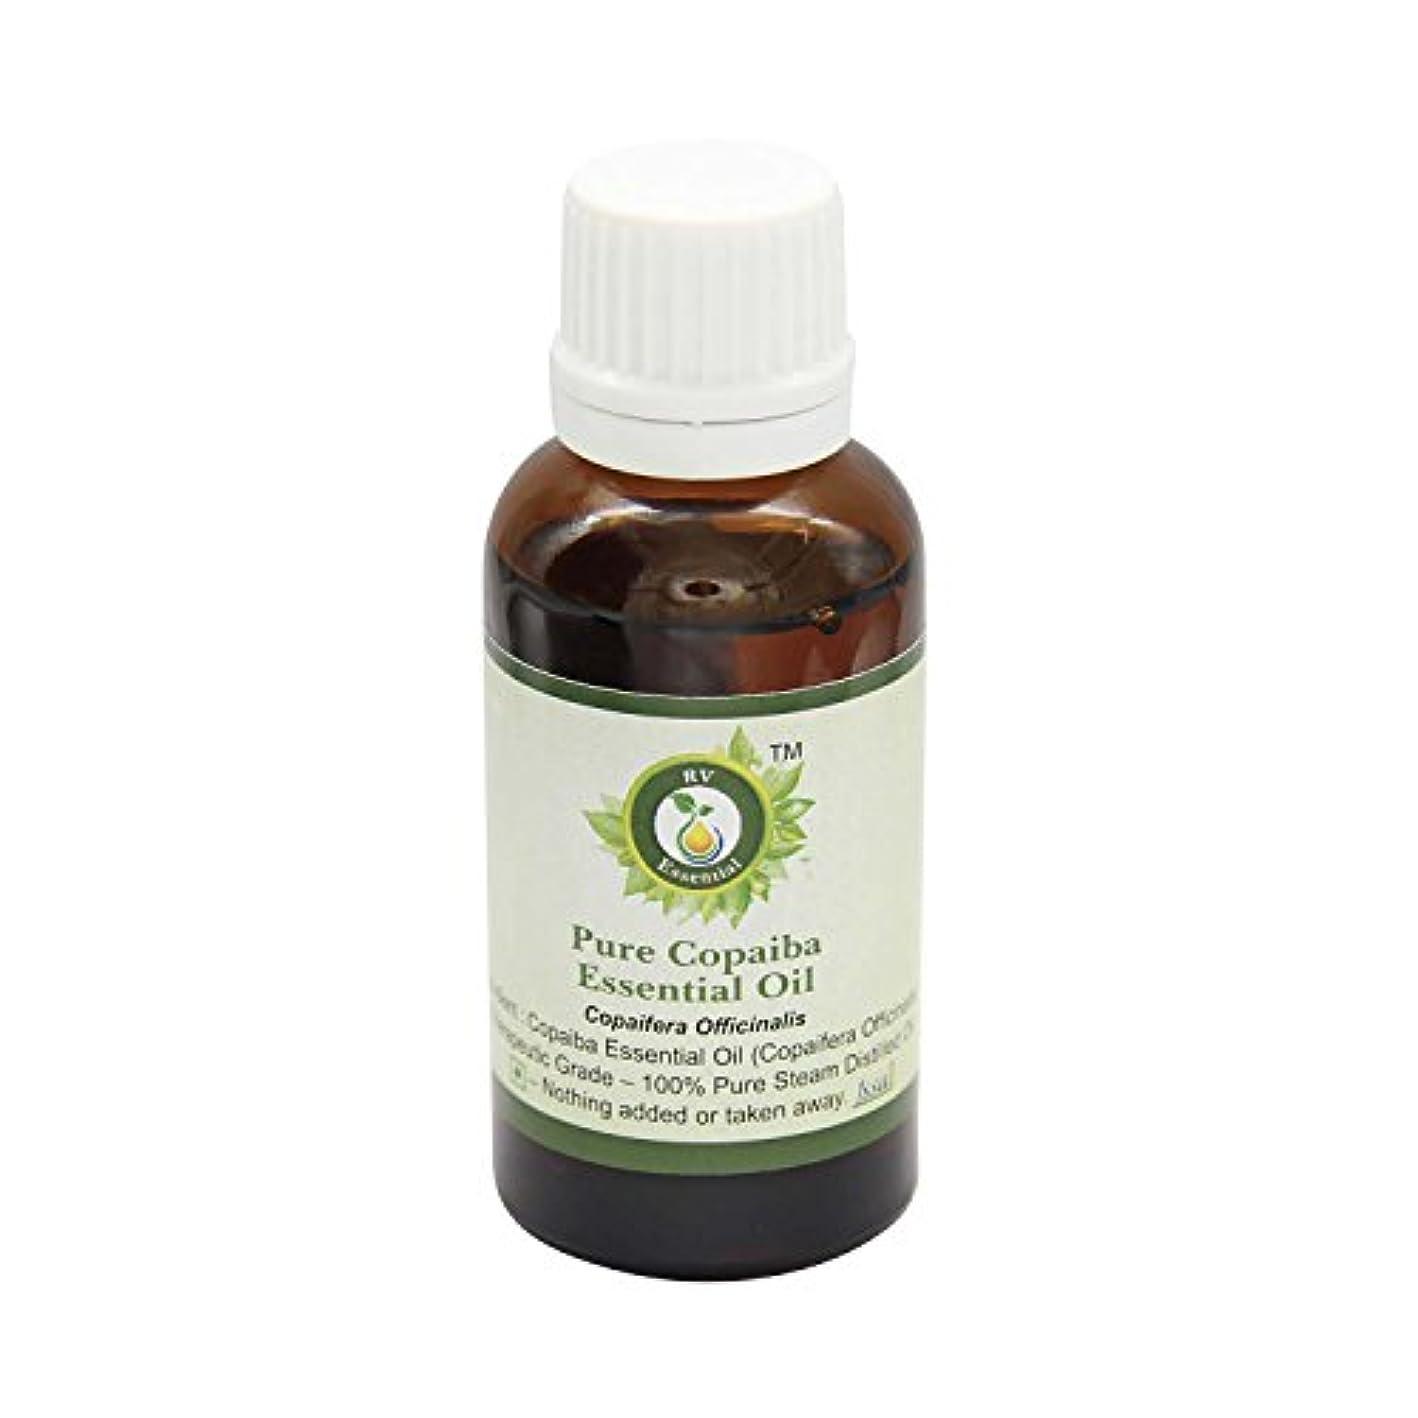 男マークダウントーストR V Essential ピュアコパイバエッセンシャルオイル30ml (1.01oz)- Copaifera Officinalis (100%純粋&天然スチームDistilled) Pure Copaiba Essential...